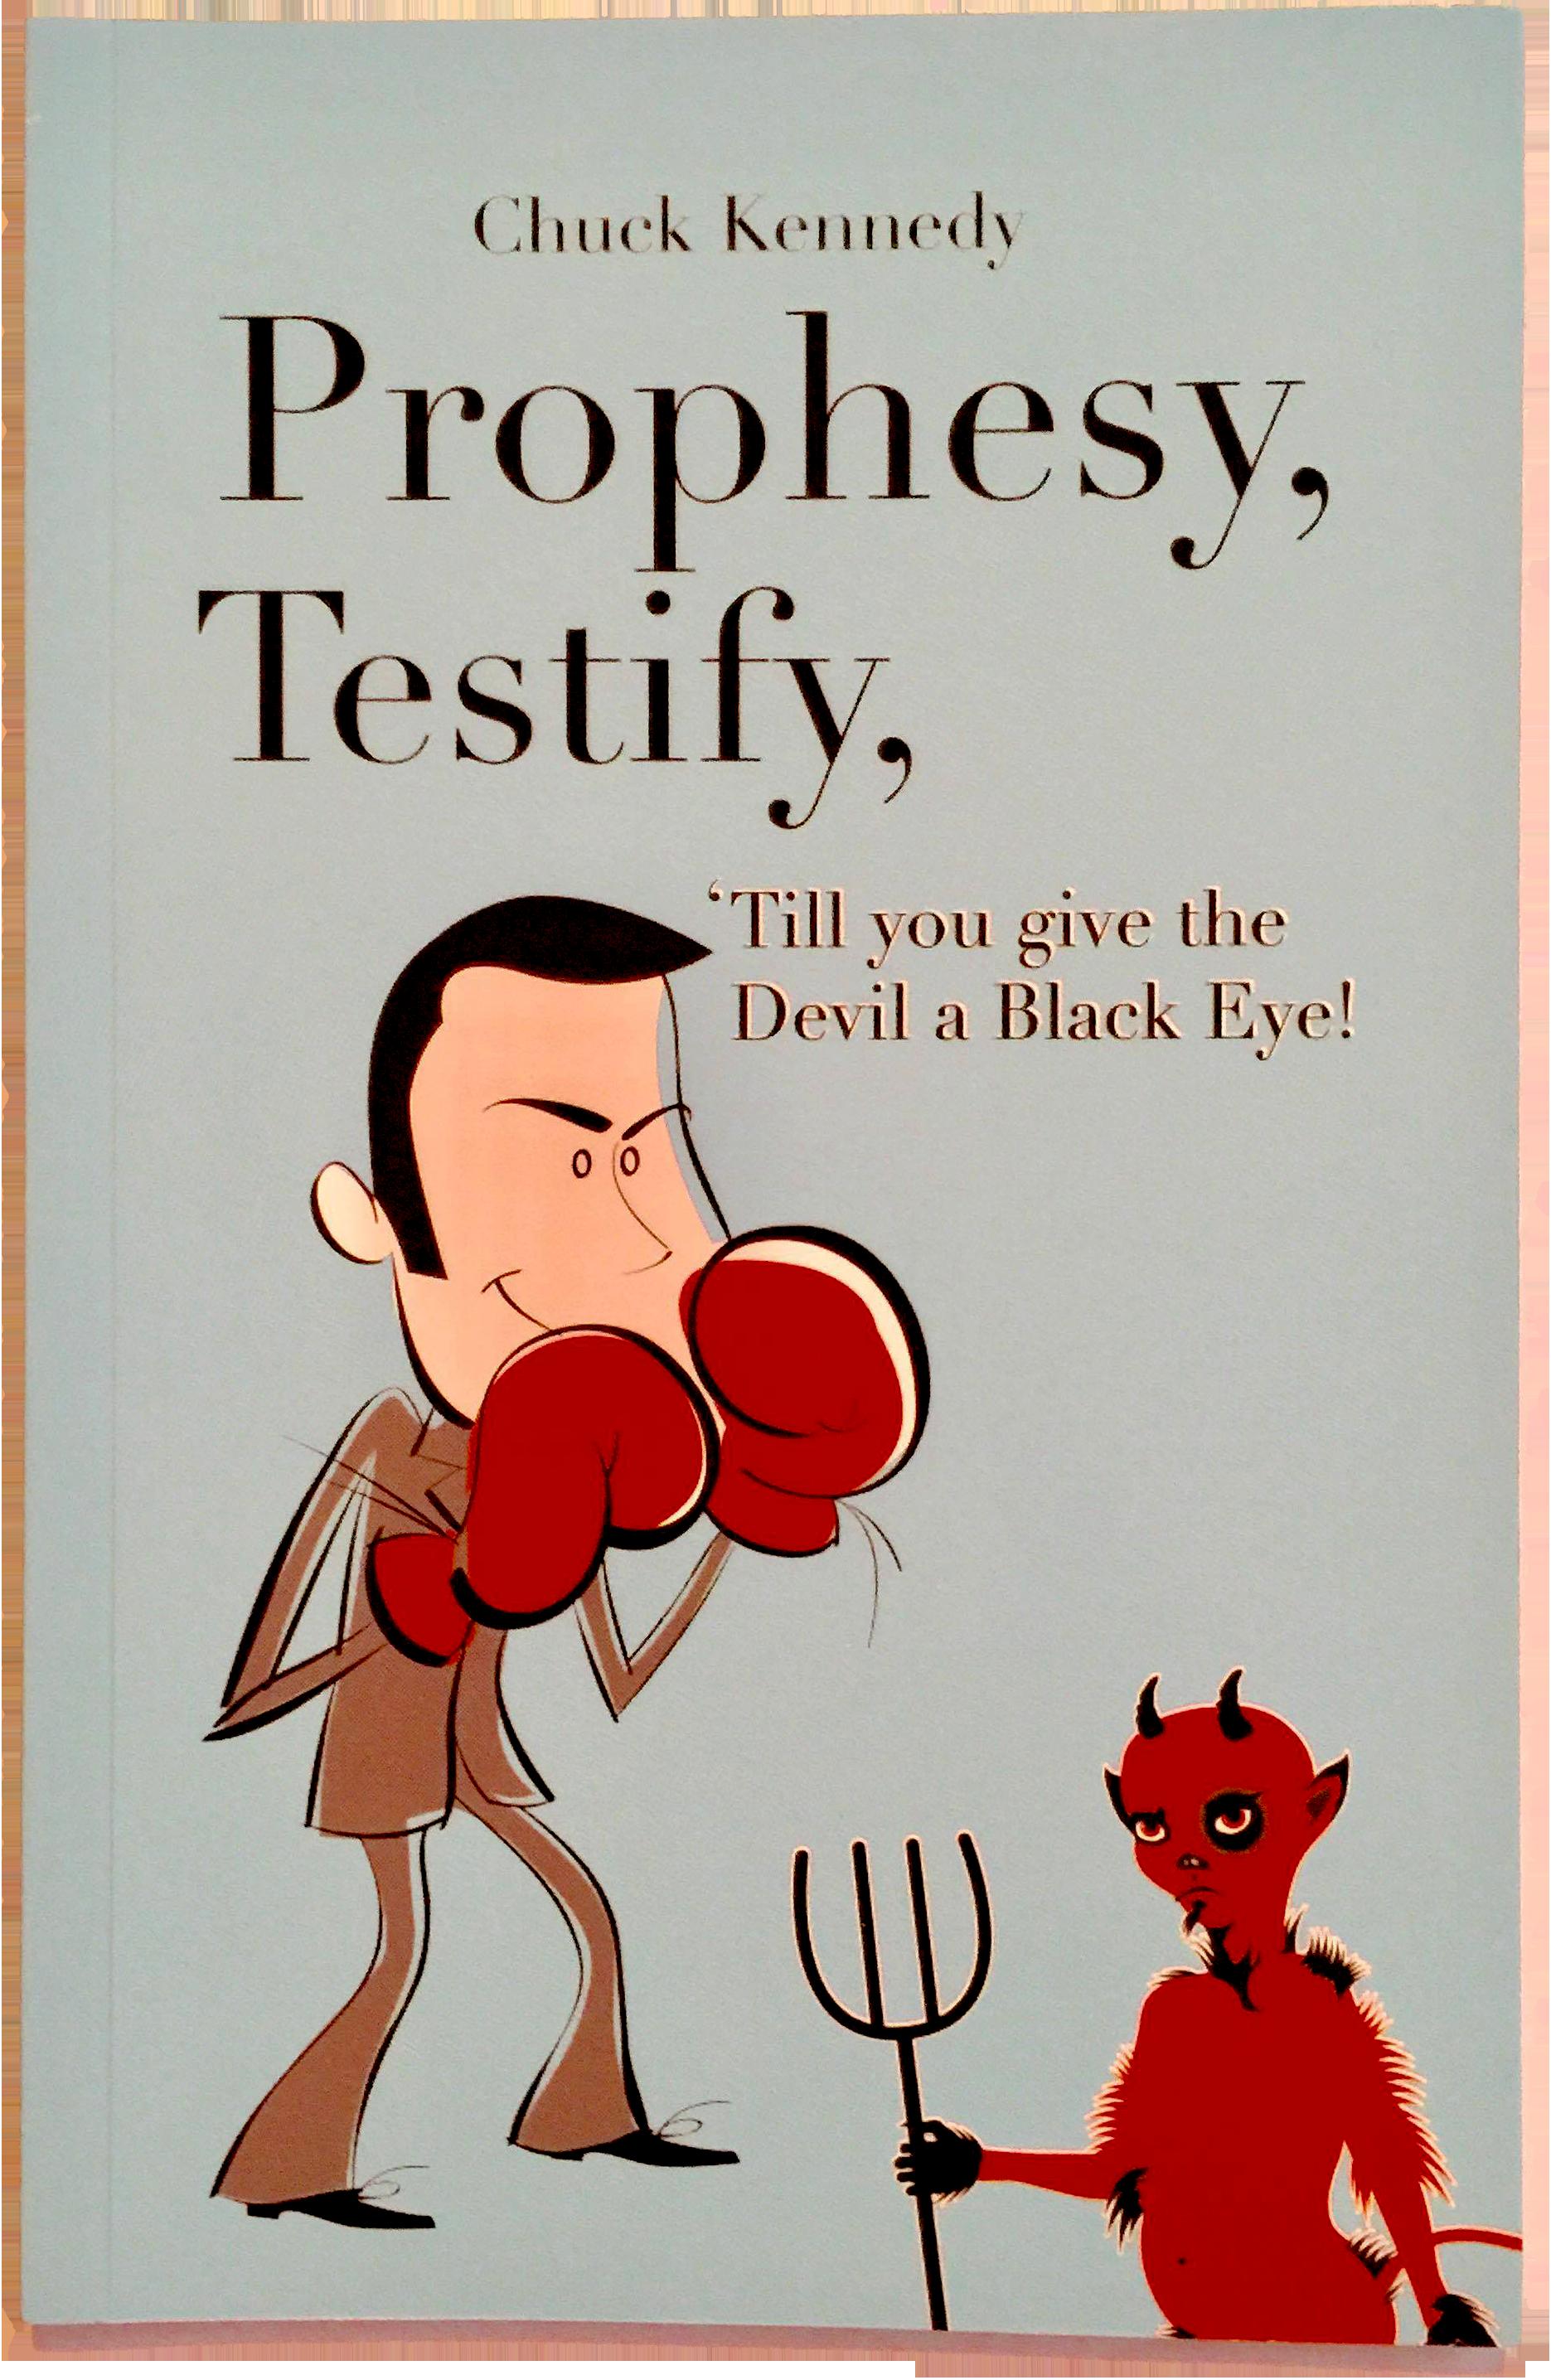 Prophesy, Testify, 'Till you give the devil a black Eye!